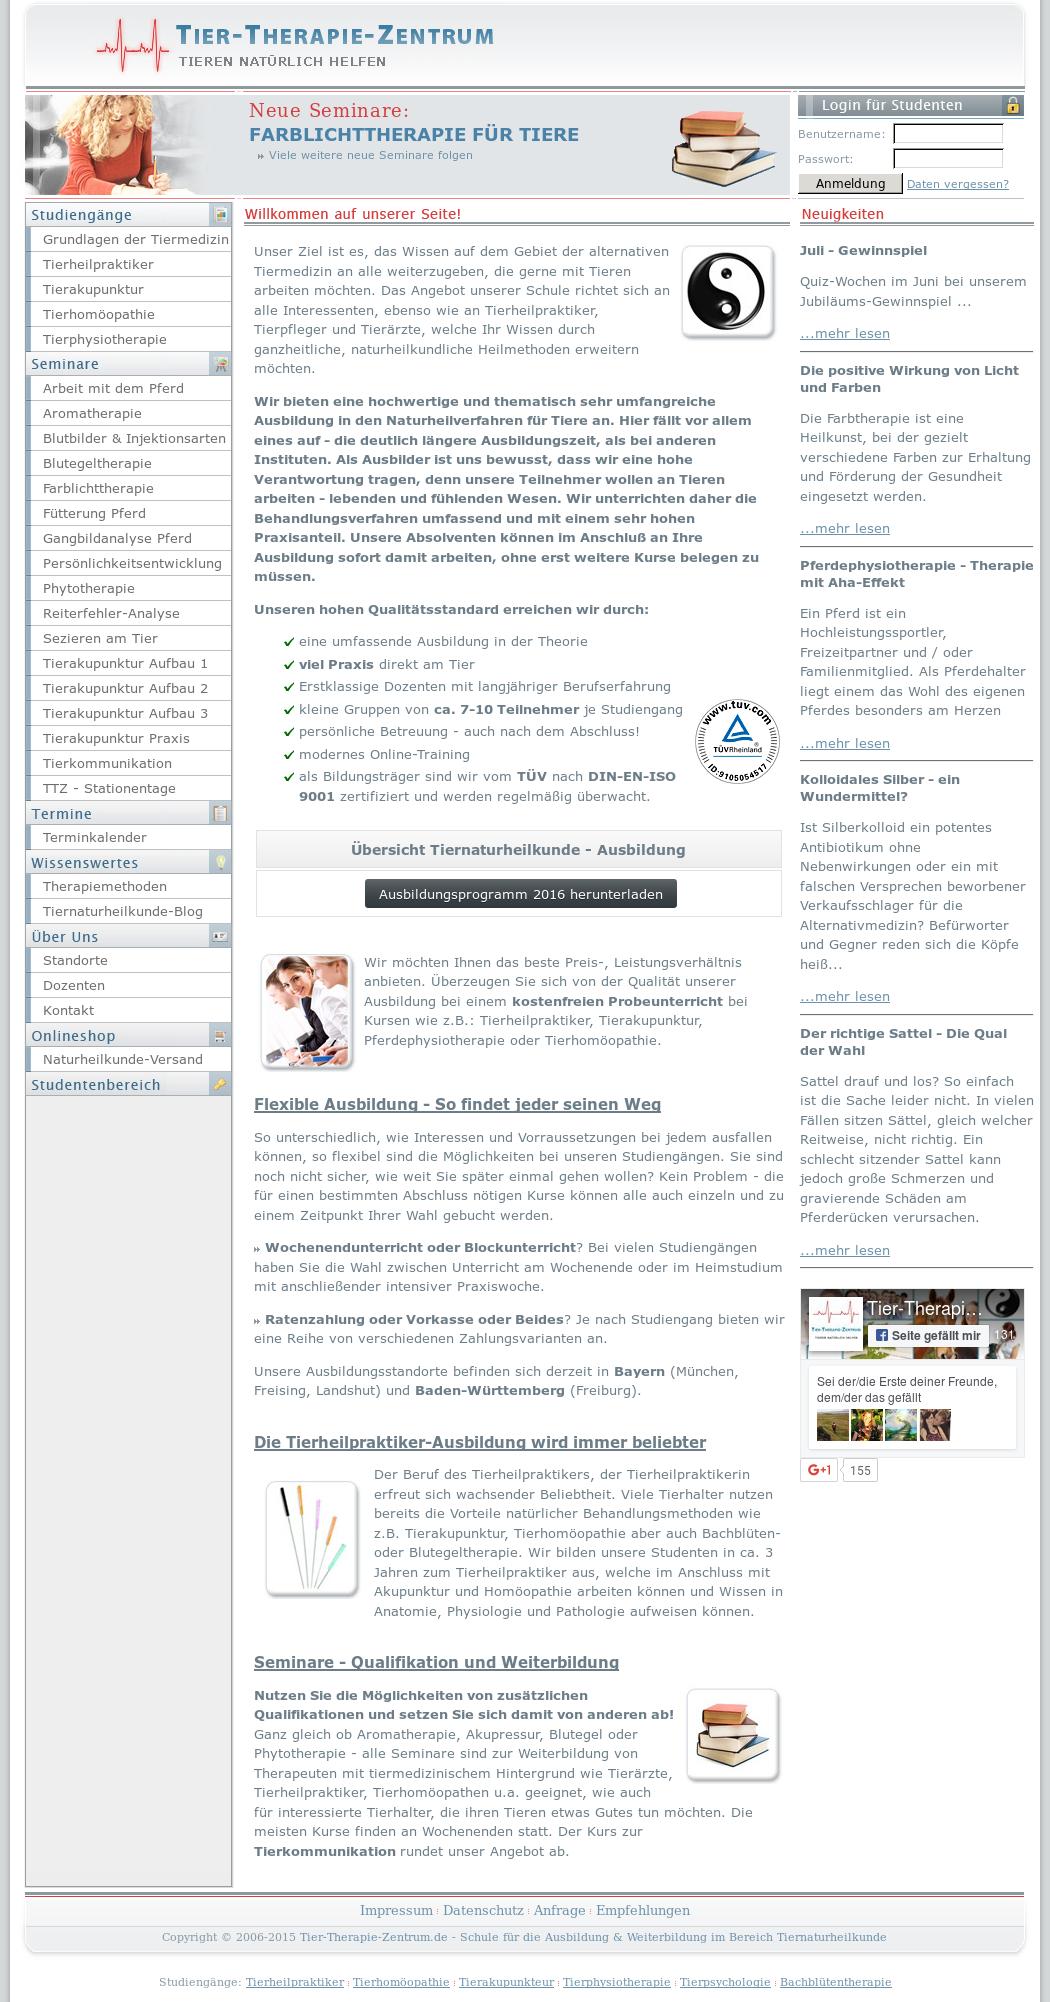 Charmant Anatomie Und Physiologie Websites Für Studenten Ideen ...